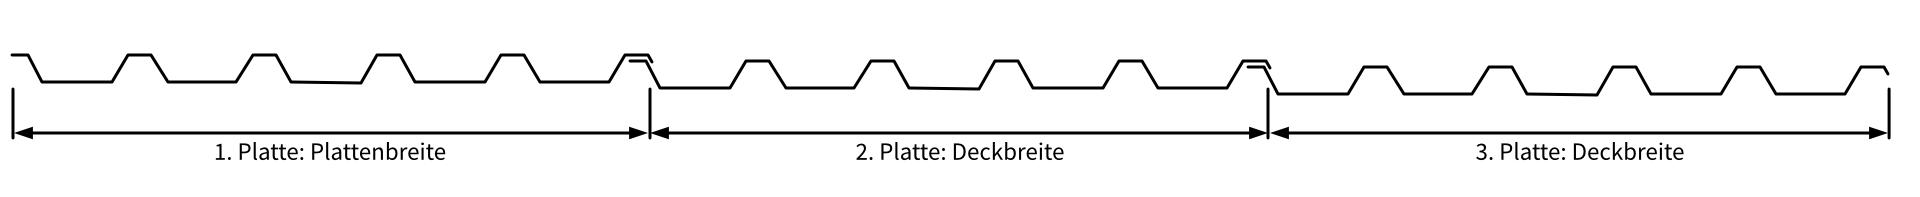 Berühmt Ermittlung der Deckbreite von Profilblech LC27